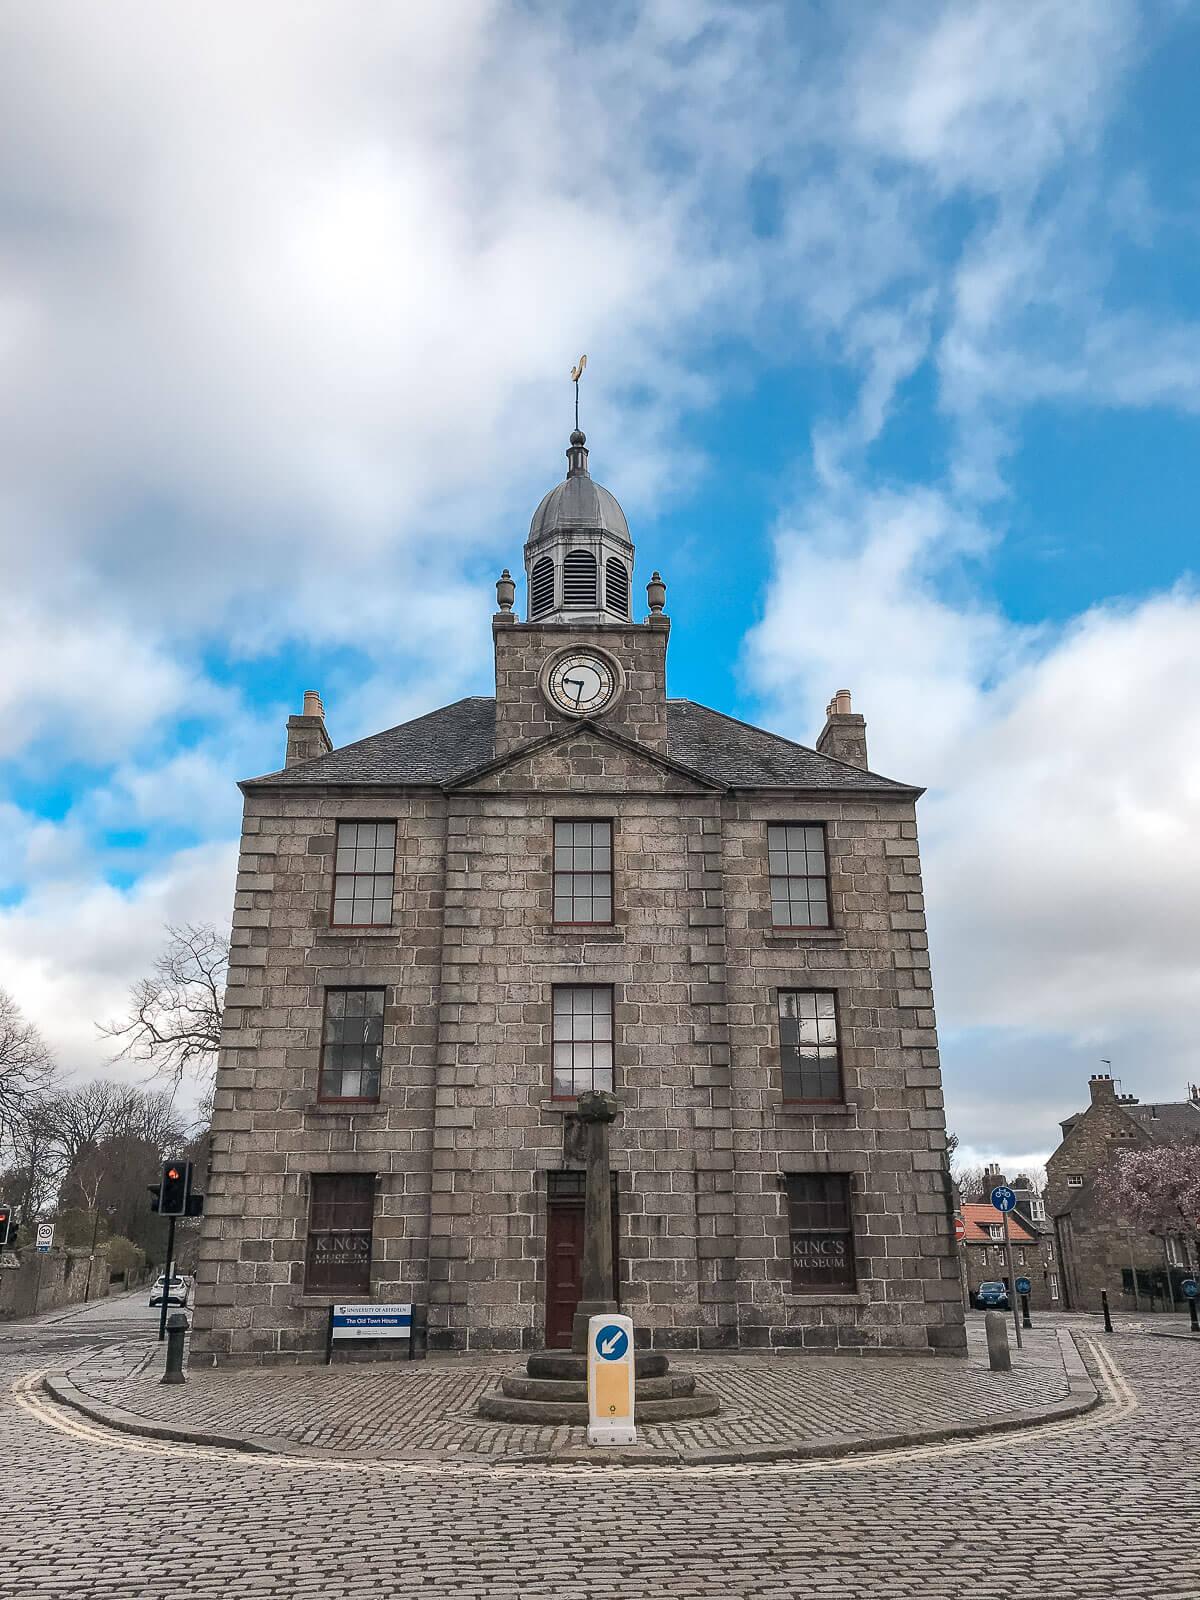 King's Museum Aberdeen